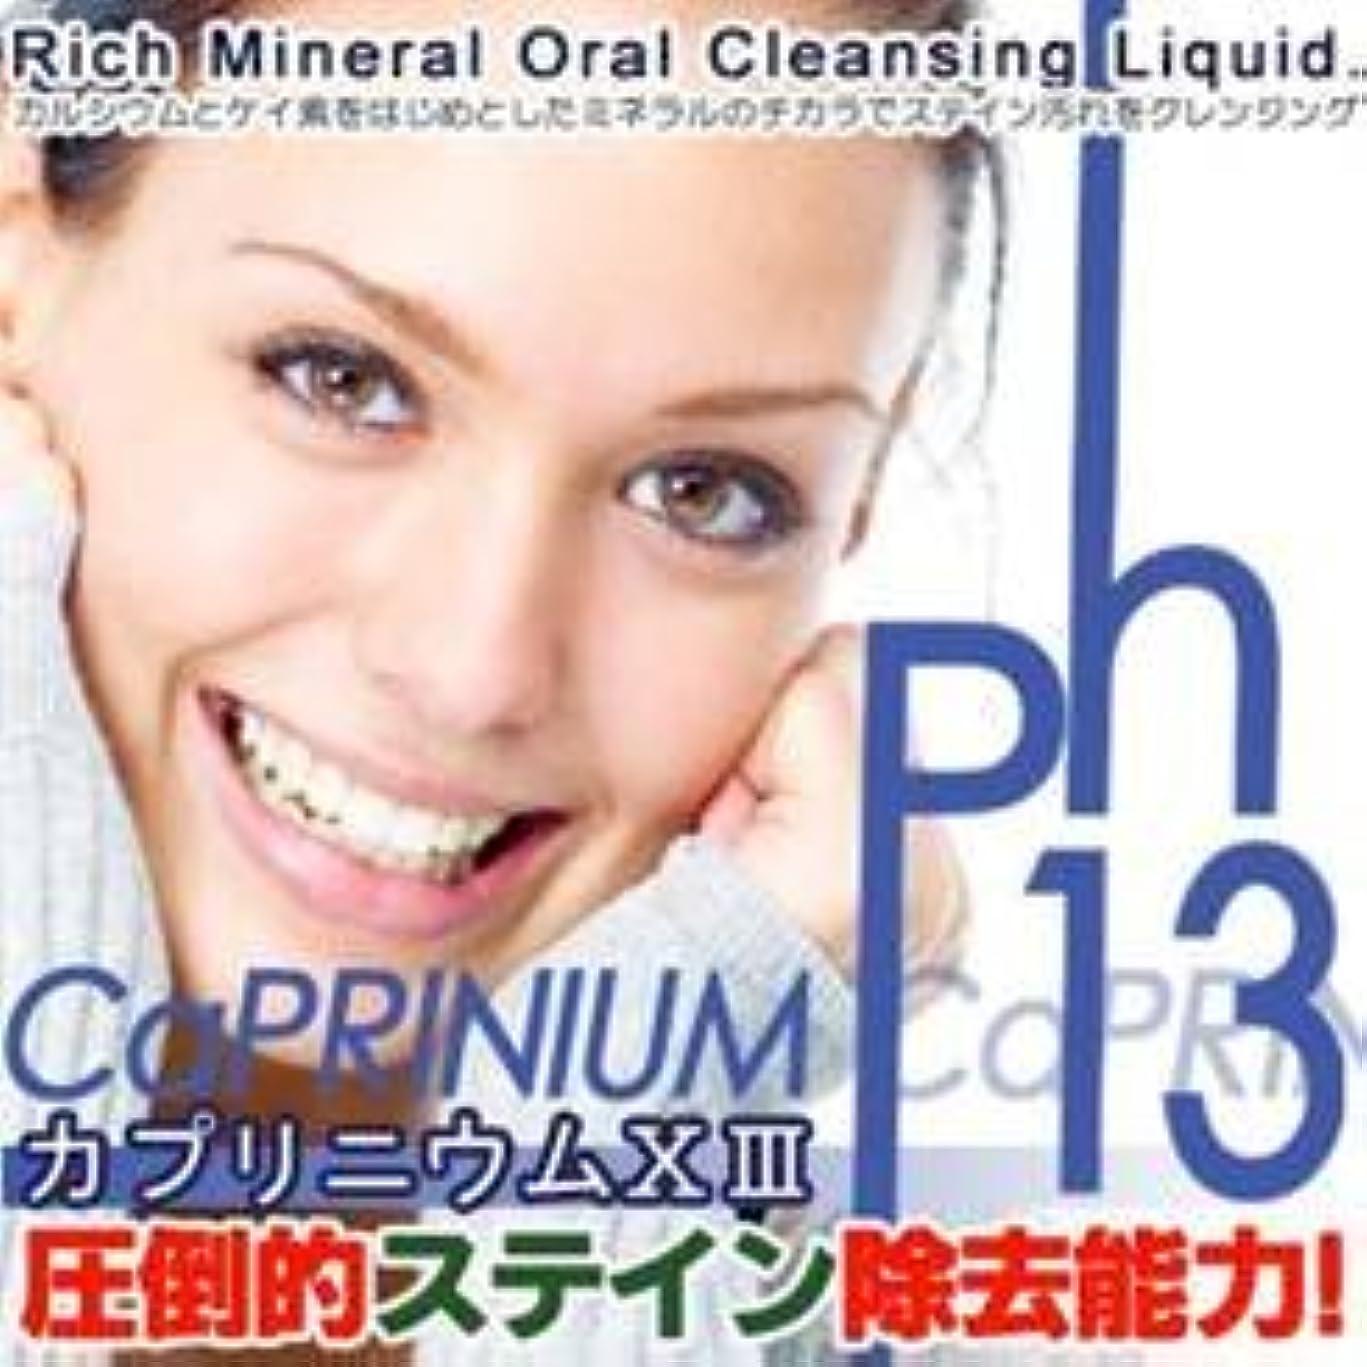 冷凍庫ブラウス予約カプリニウムサーティーンジェル1個入(10日分) 電動歯ブラシ対応歯磨きジェル